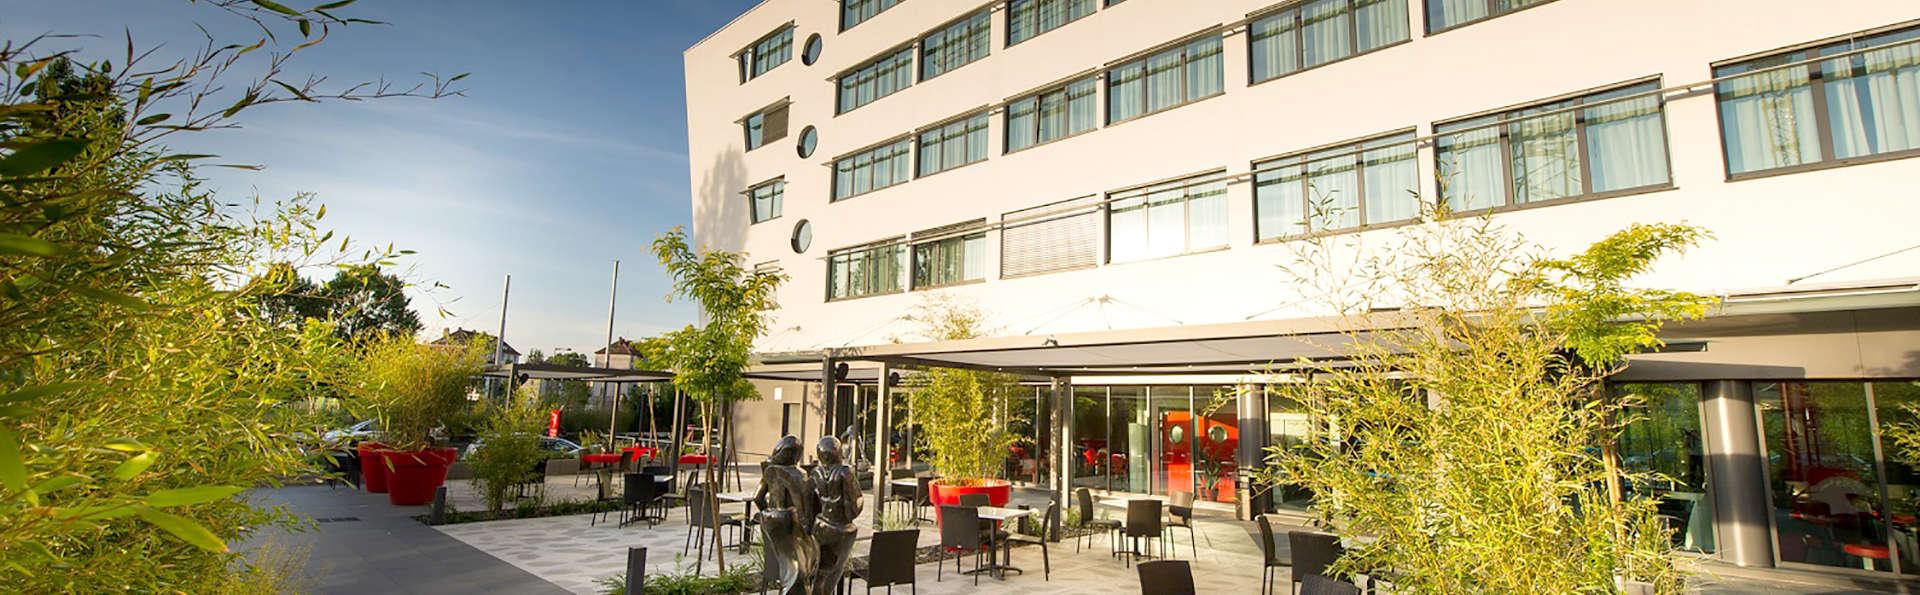 Hotel strasbourg athena spa h tel de charme strasbourg for Salon mer et vigne strasbourg 2017